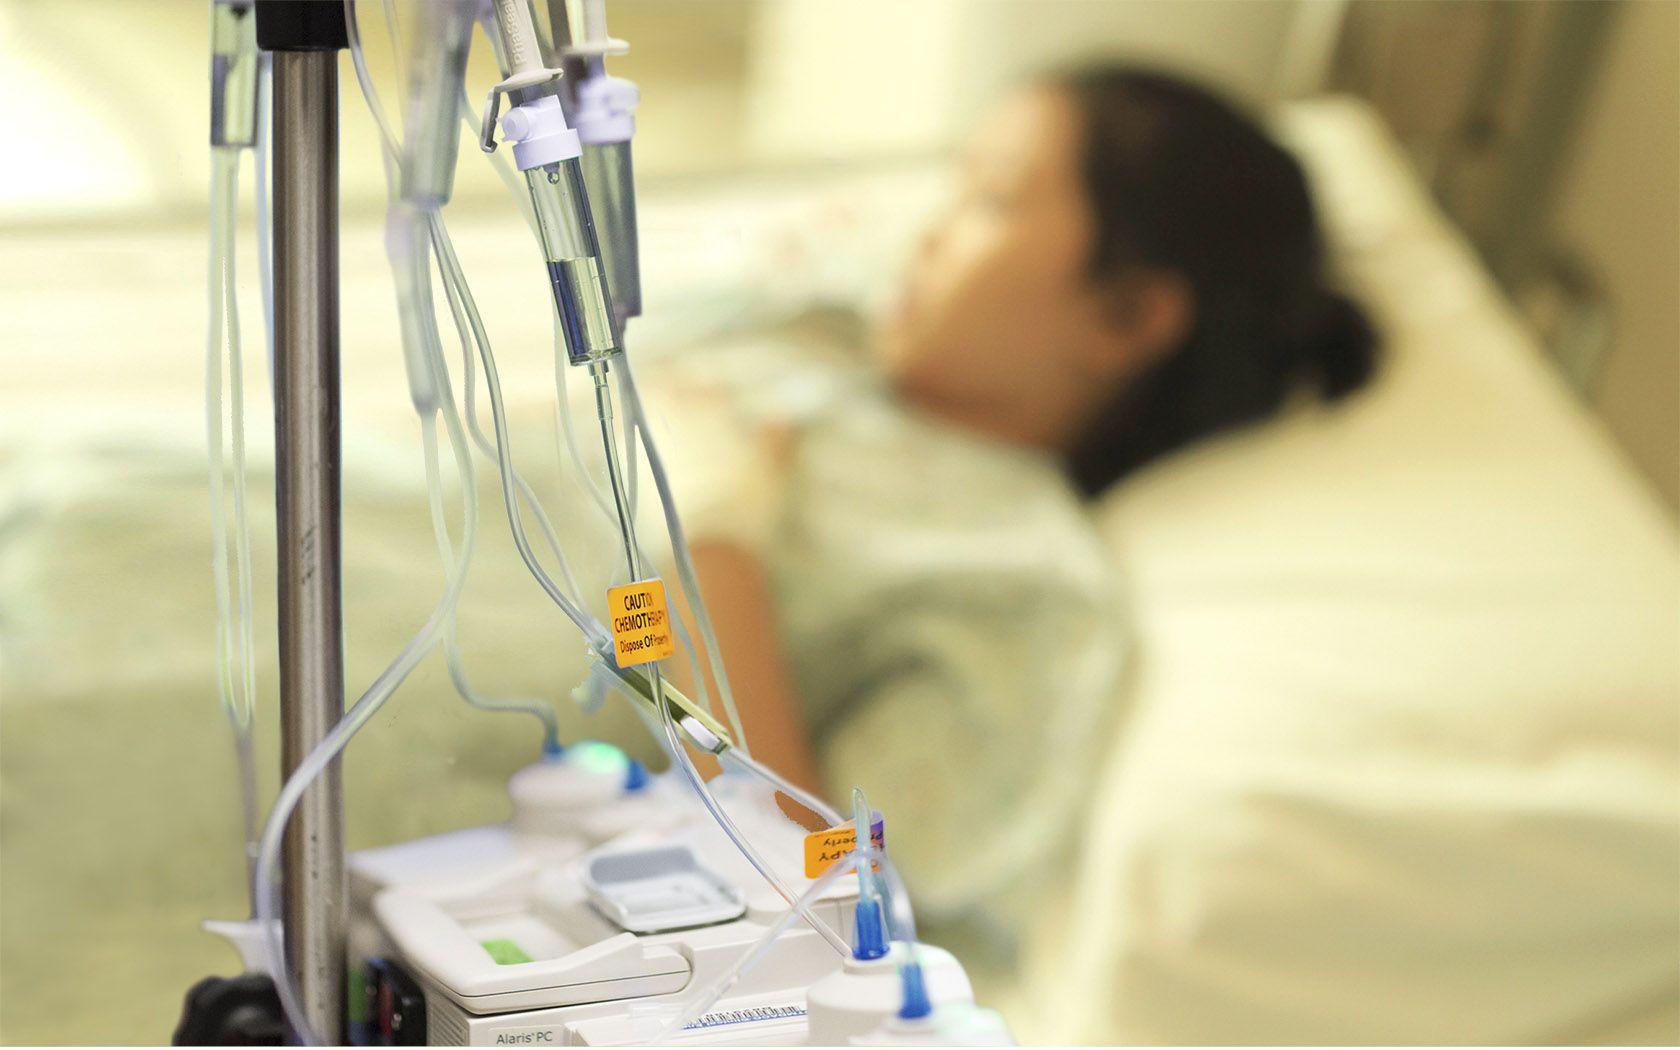 Sau điều trị ung thư, đặc biệt sau hóa trị, người bệnh thường đau đớn, mệt mỏi, chán ăn